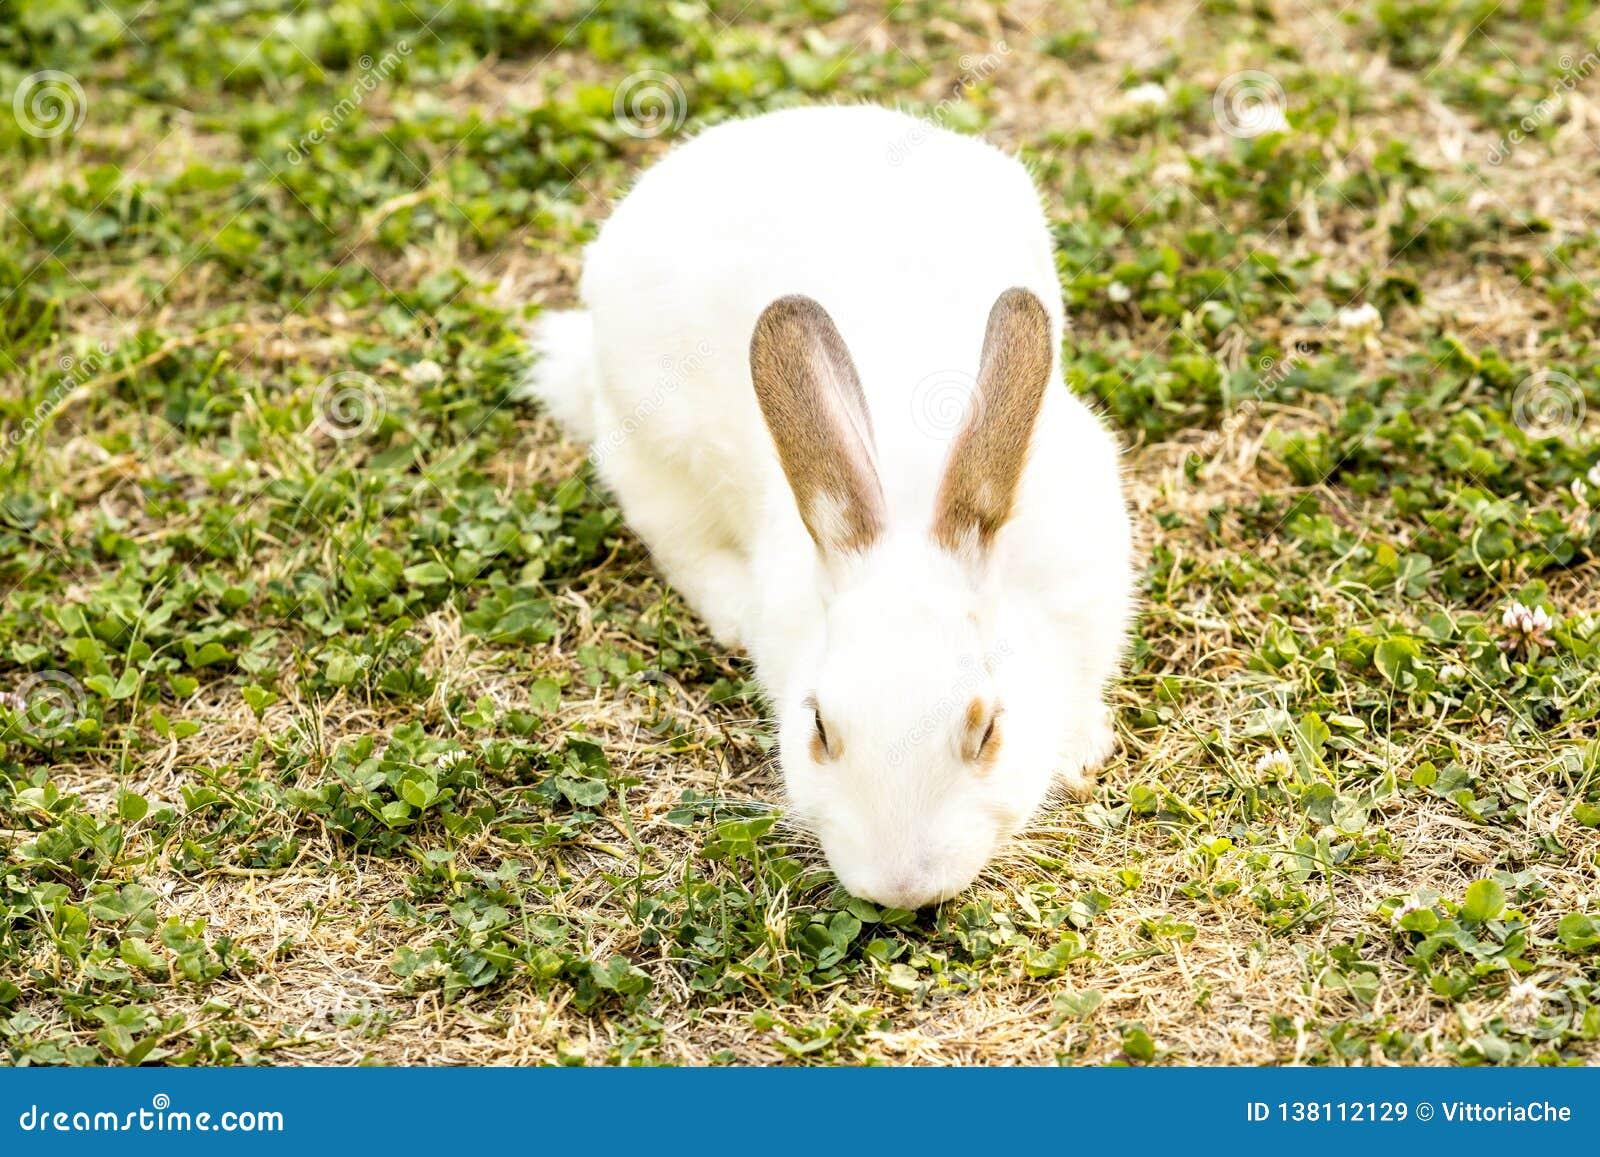 Śliczny mały biały królika Oryctolagus cuniculus obsiadanie na zielonej trawie